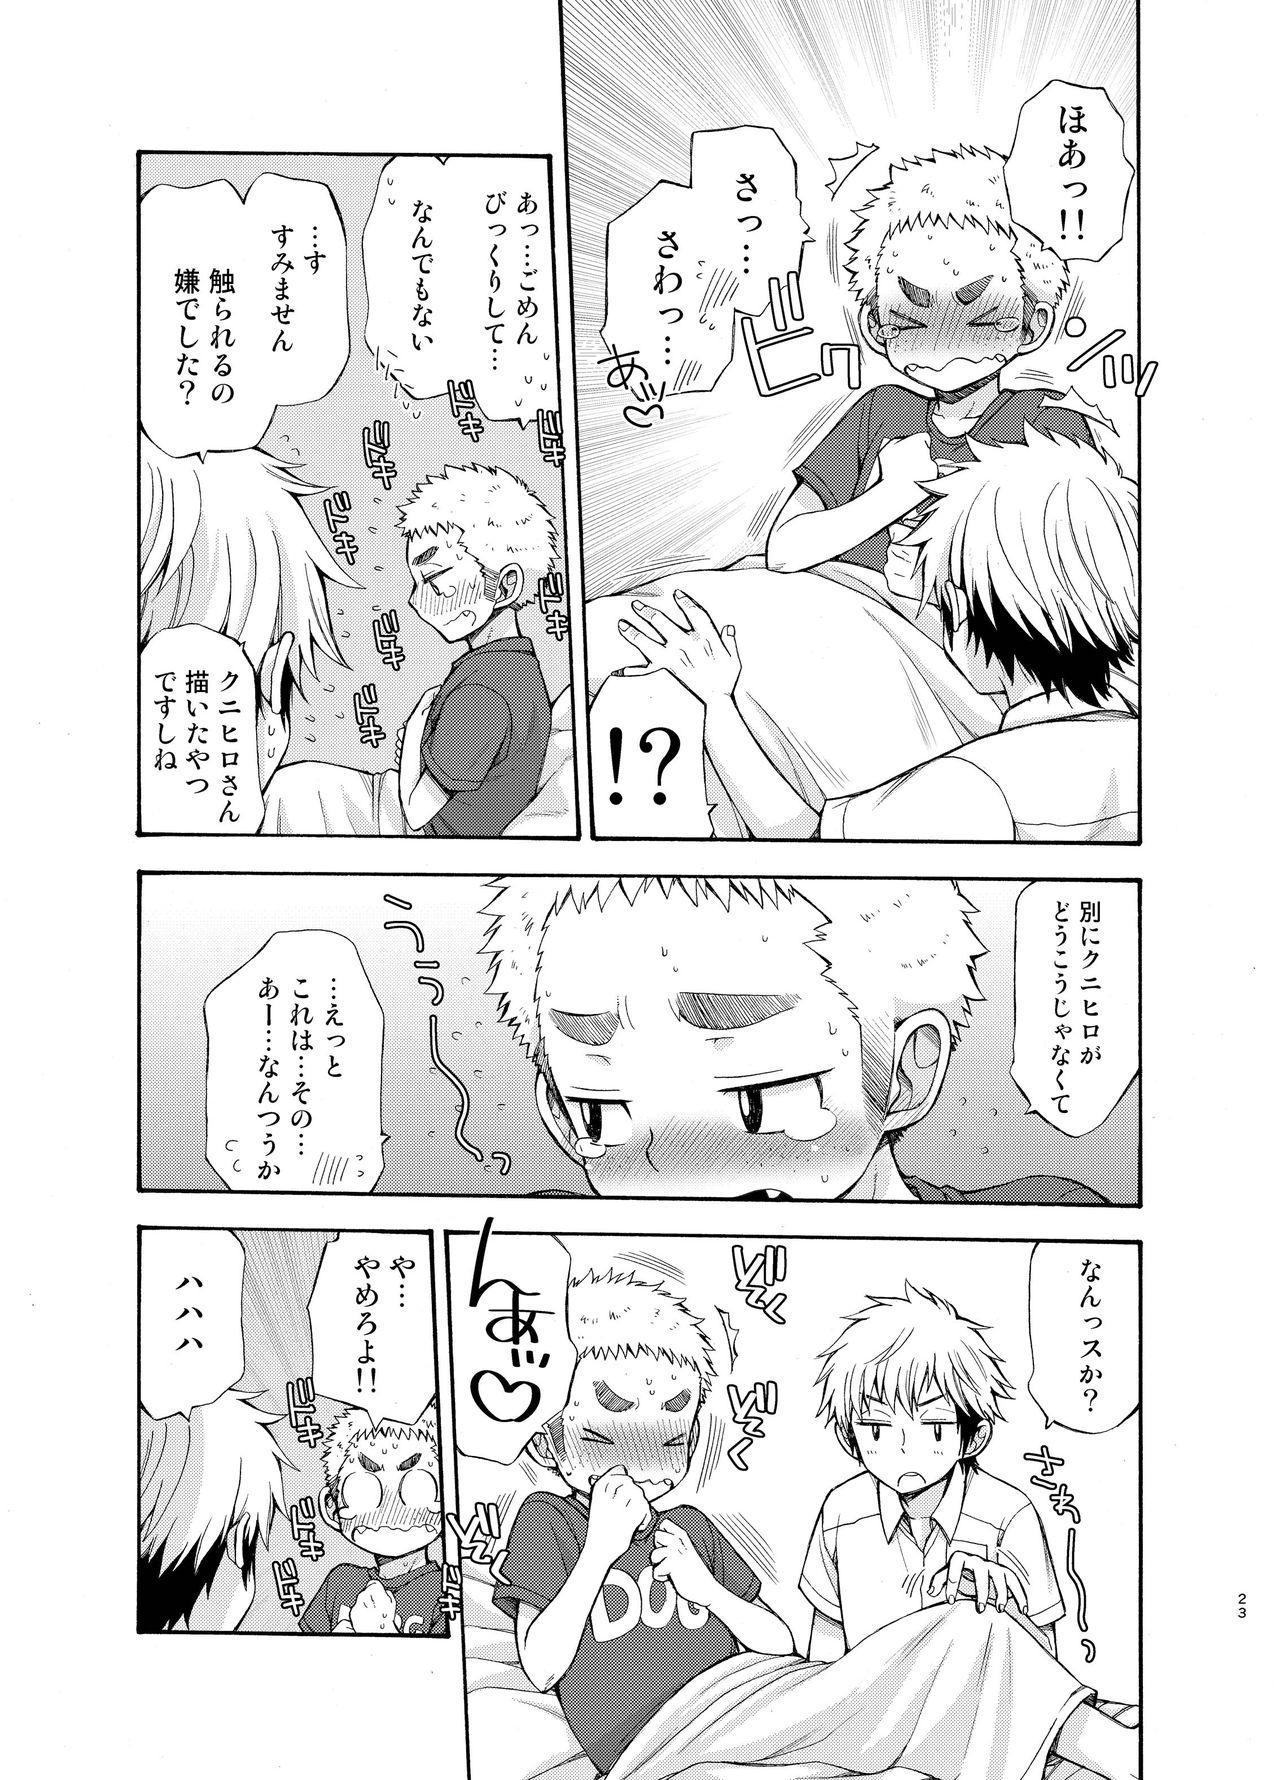 Yuuwaku ni Yowai Ore no Senpai 22